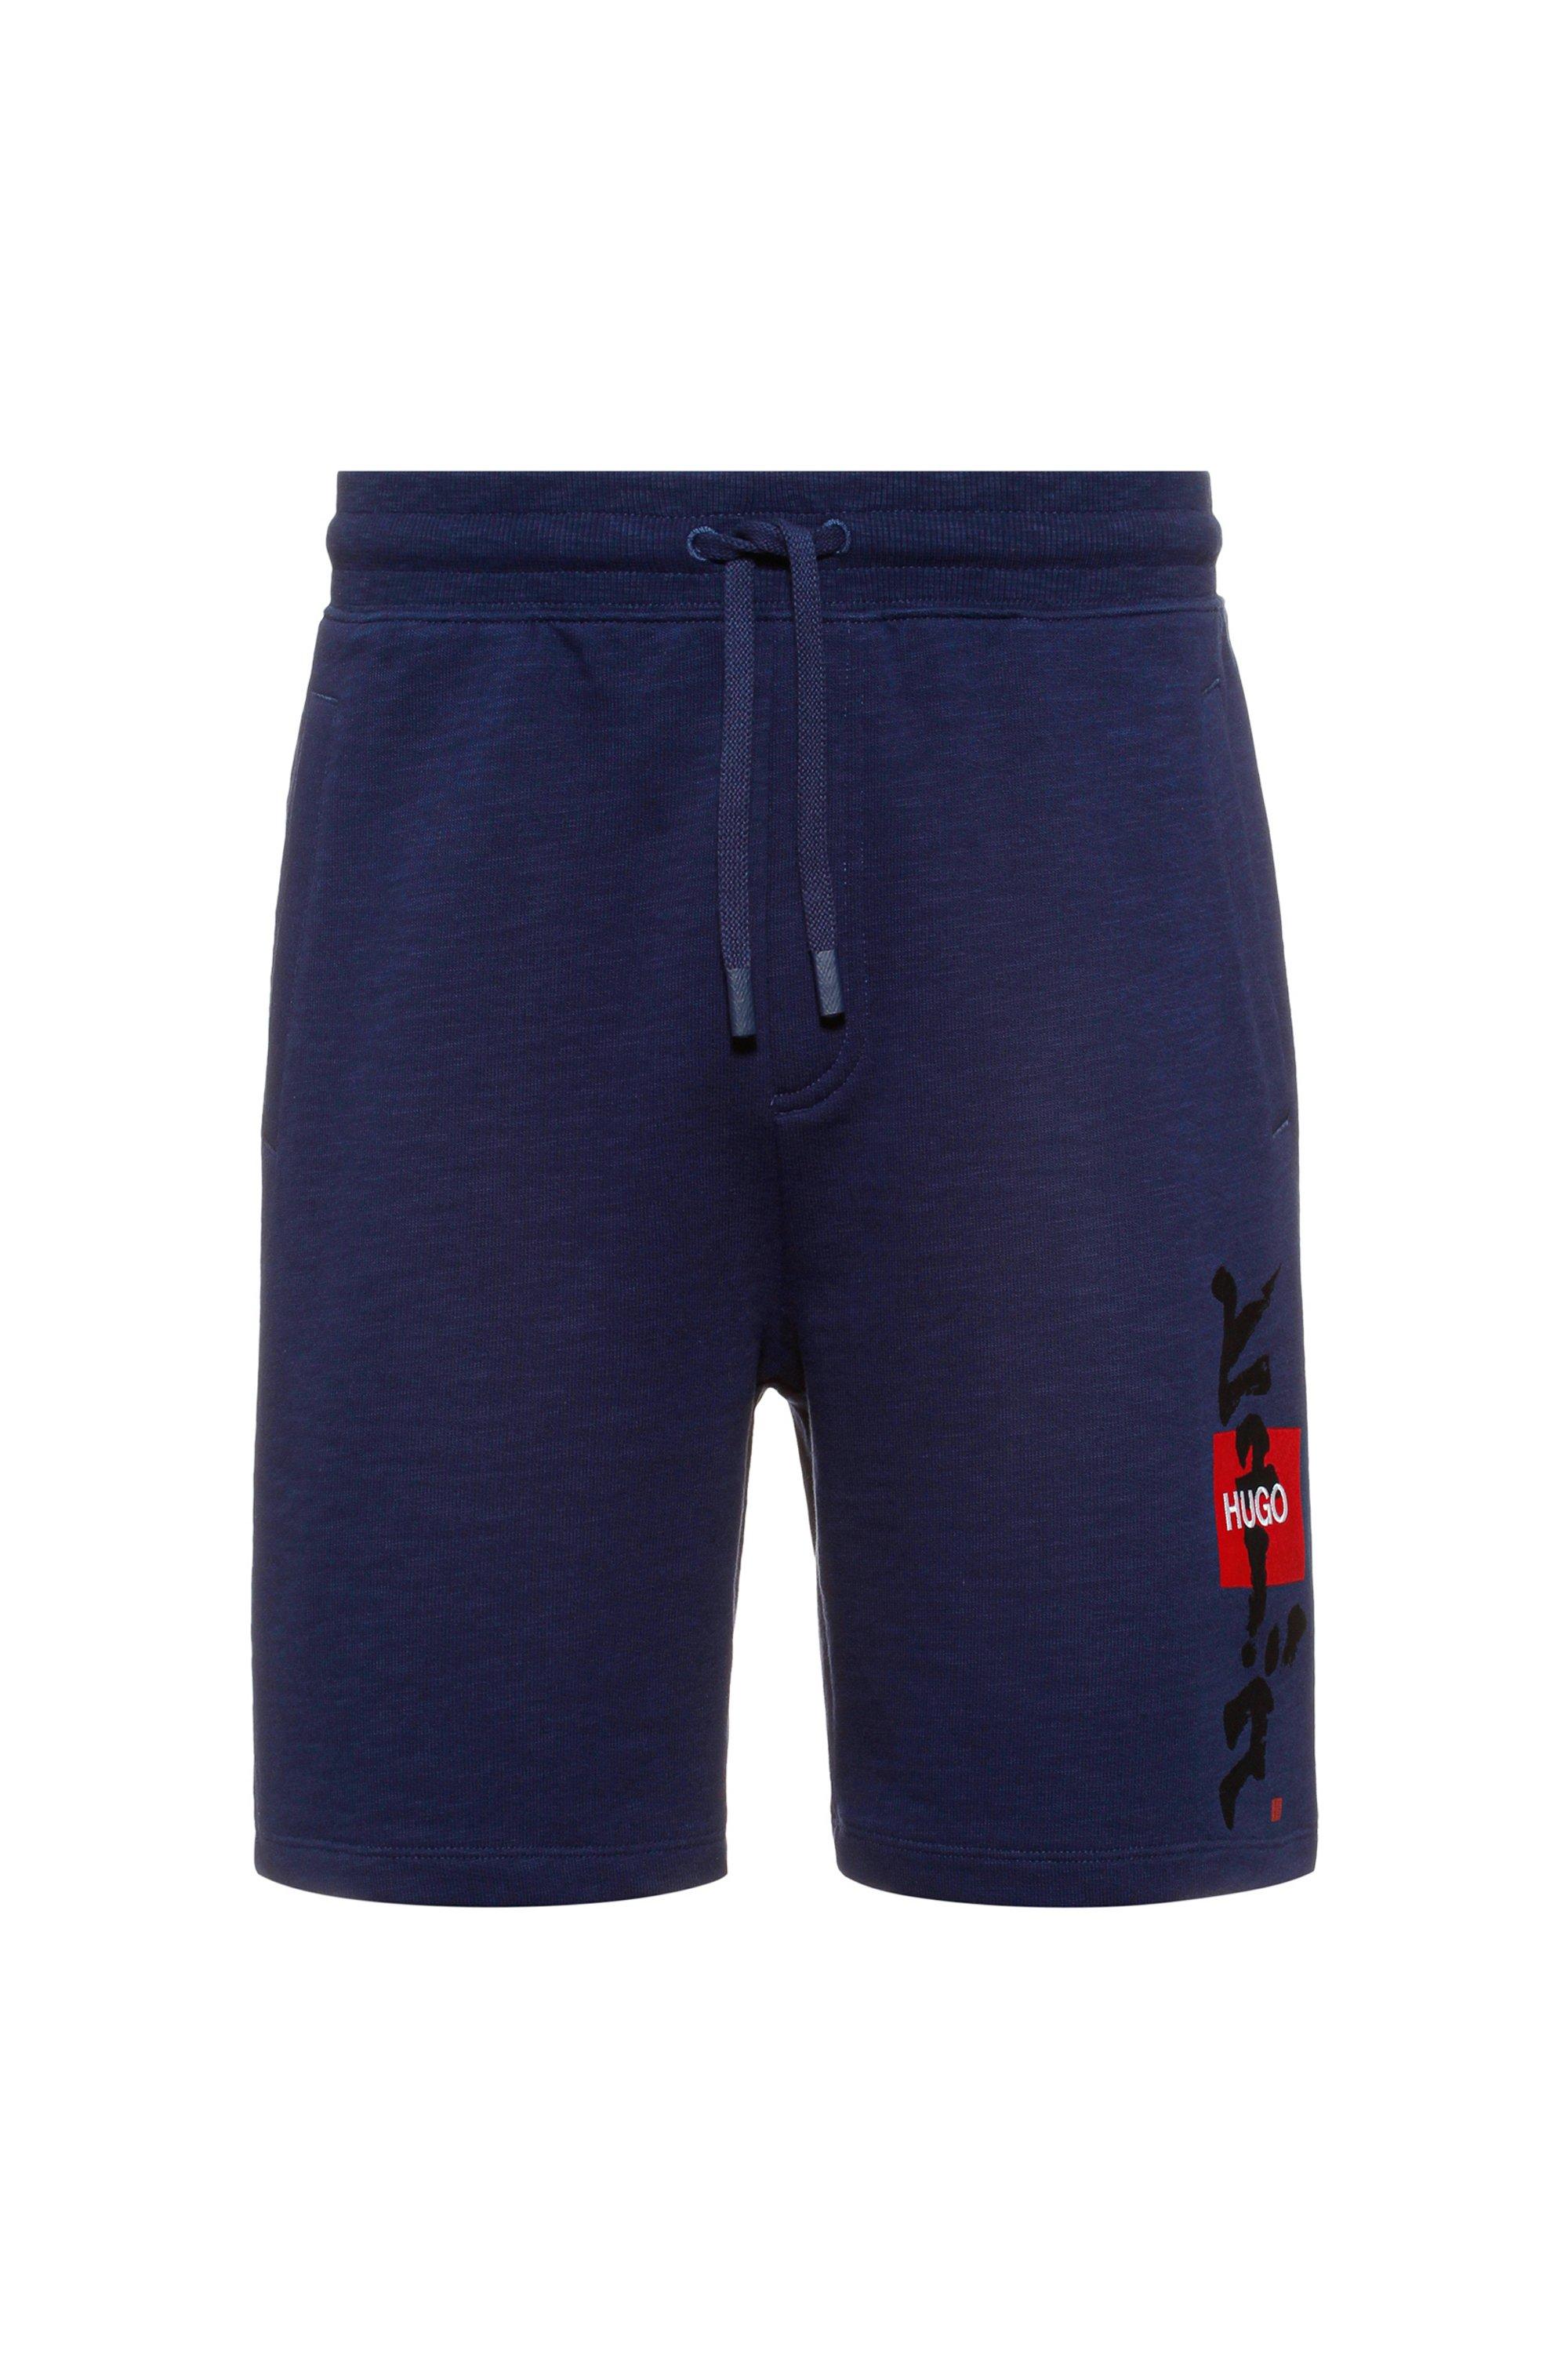 Short à logo en molleton de coton avec motif calligraphique artistique, Bleu foncé